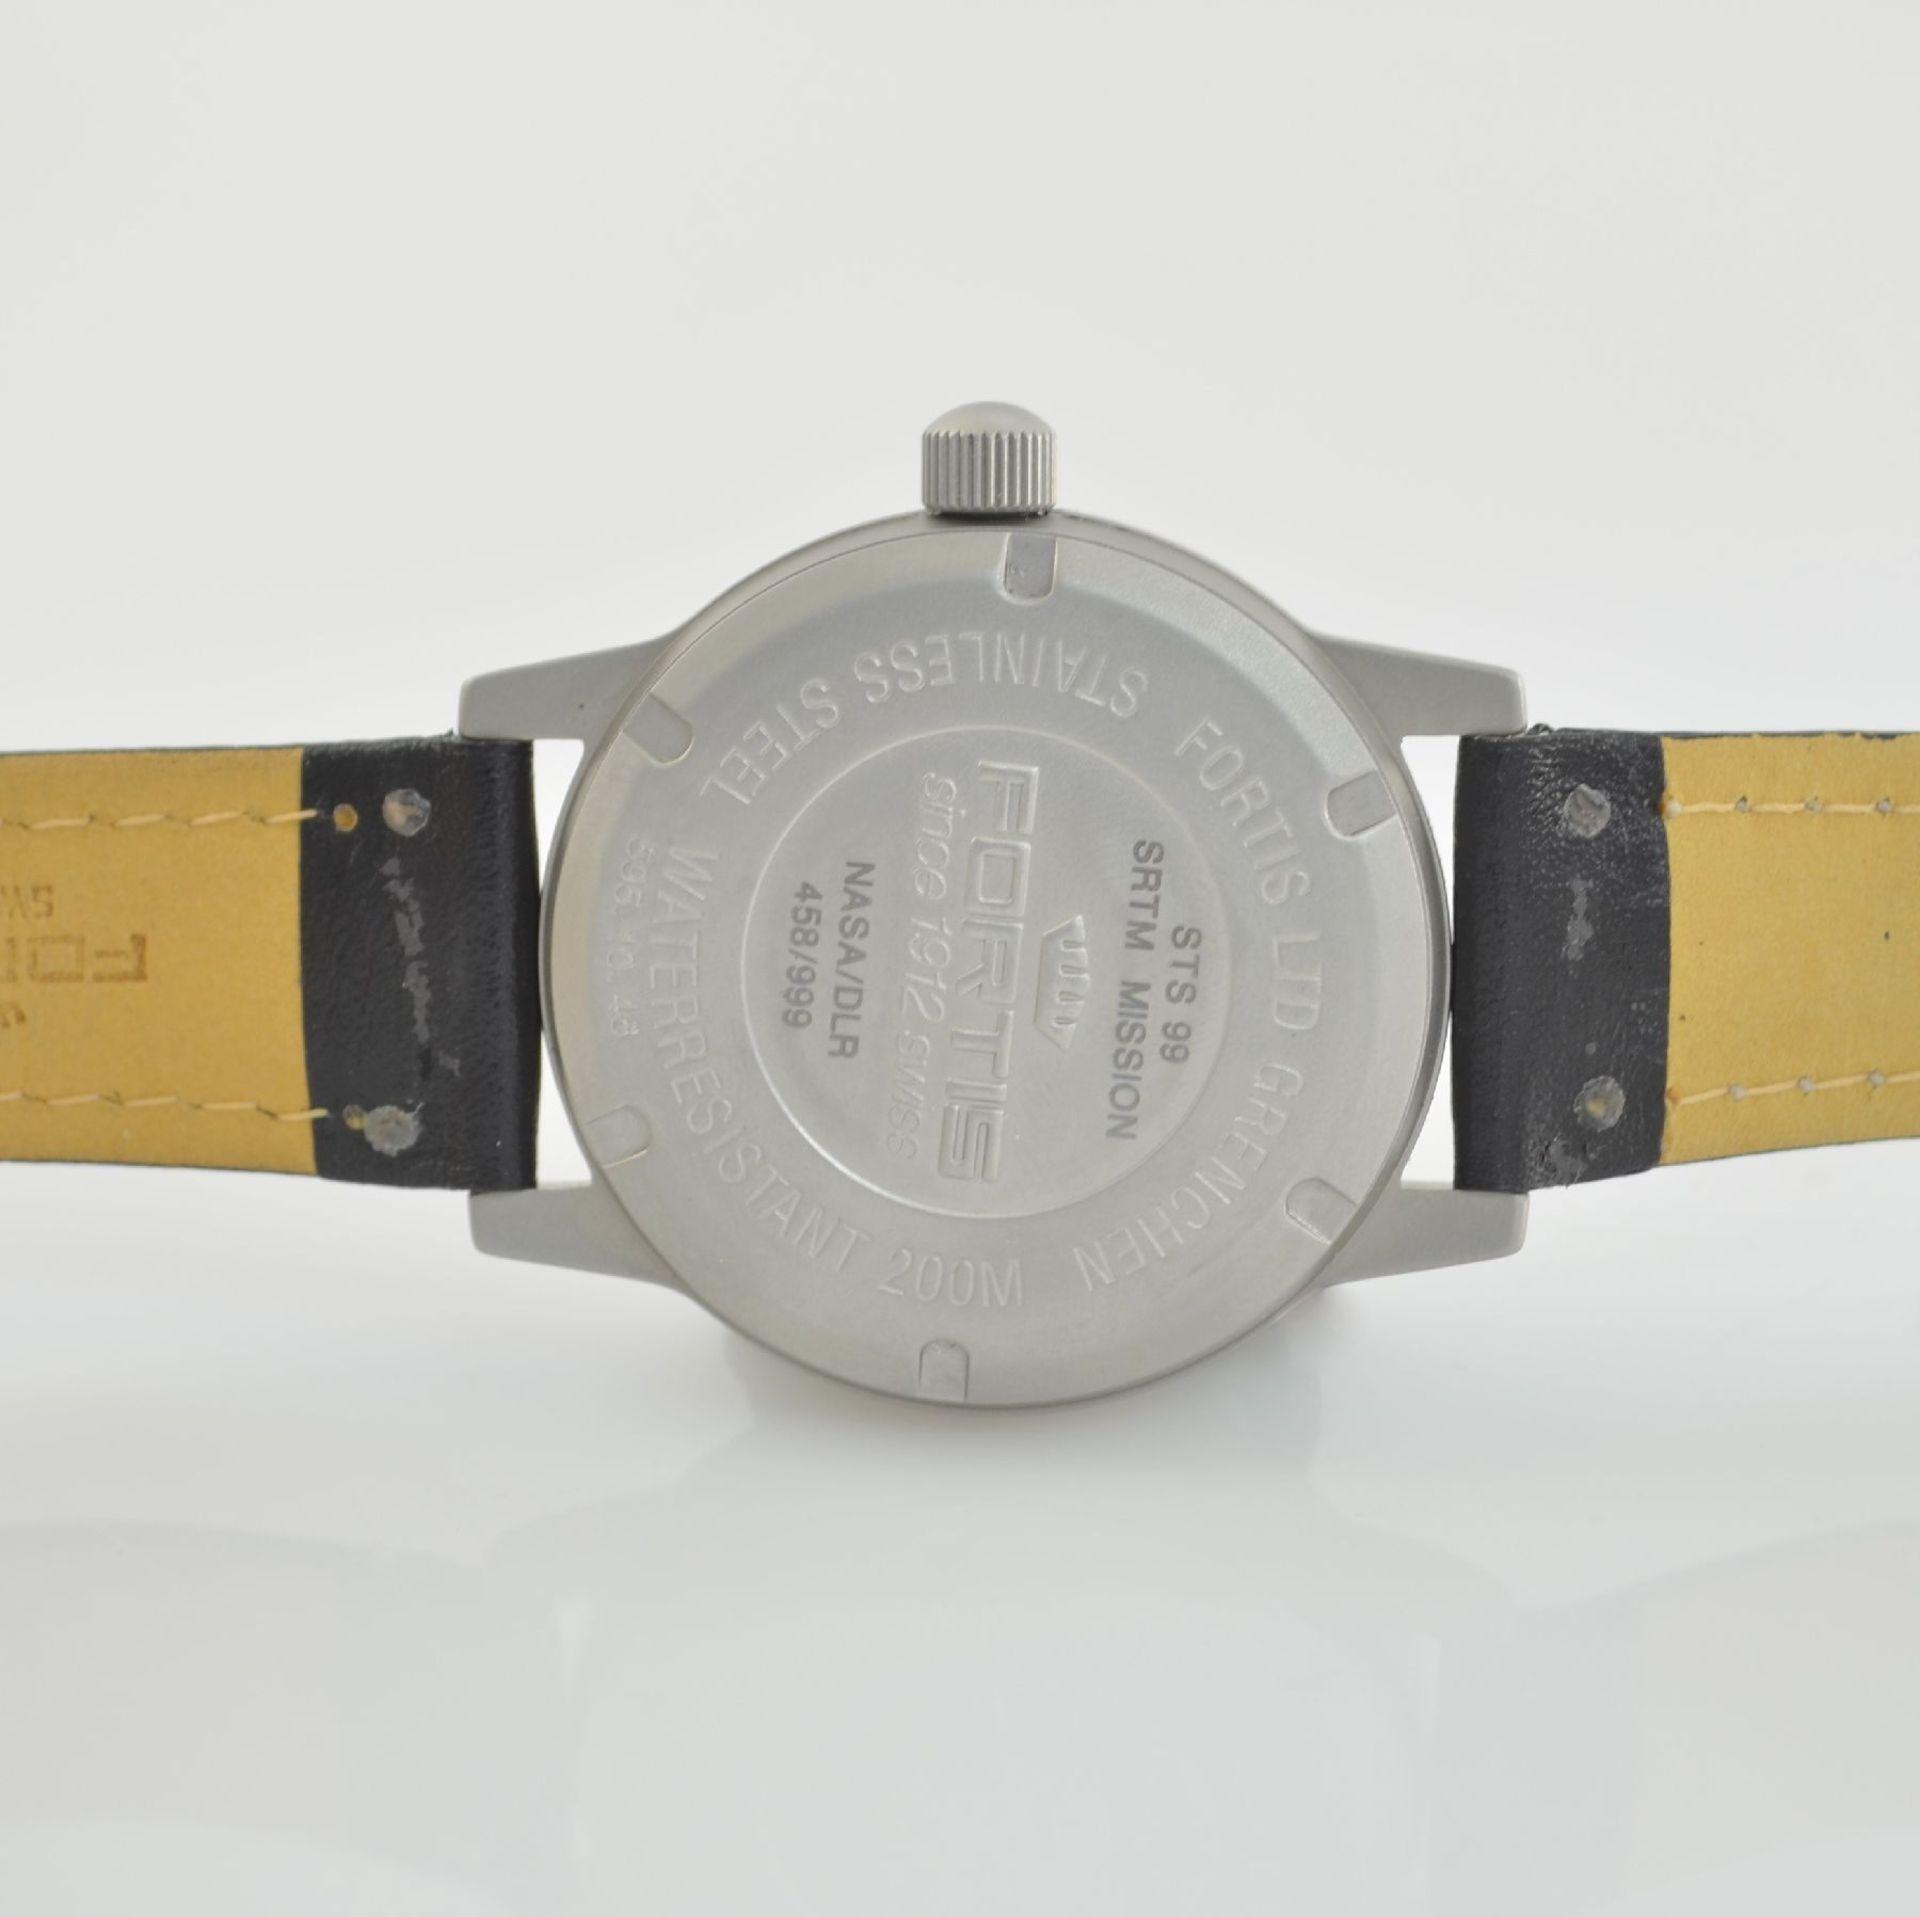 FORTIS X-SAR SRTM limitierte Herrenarmbanduhr in Edelstahl, Schweiz um 2000, Automatik, lim. Auflage - Bild 6 aus 7